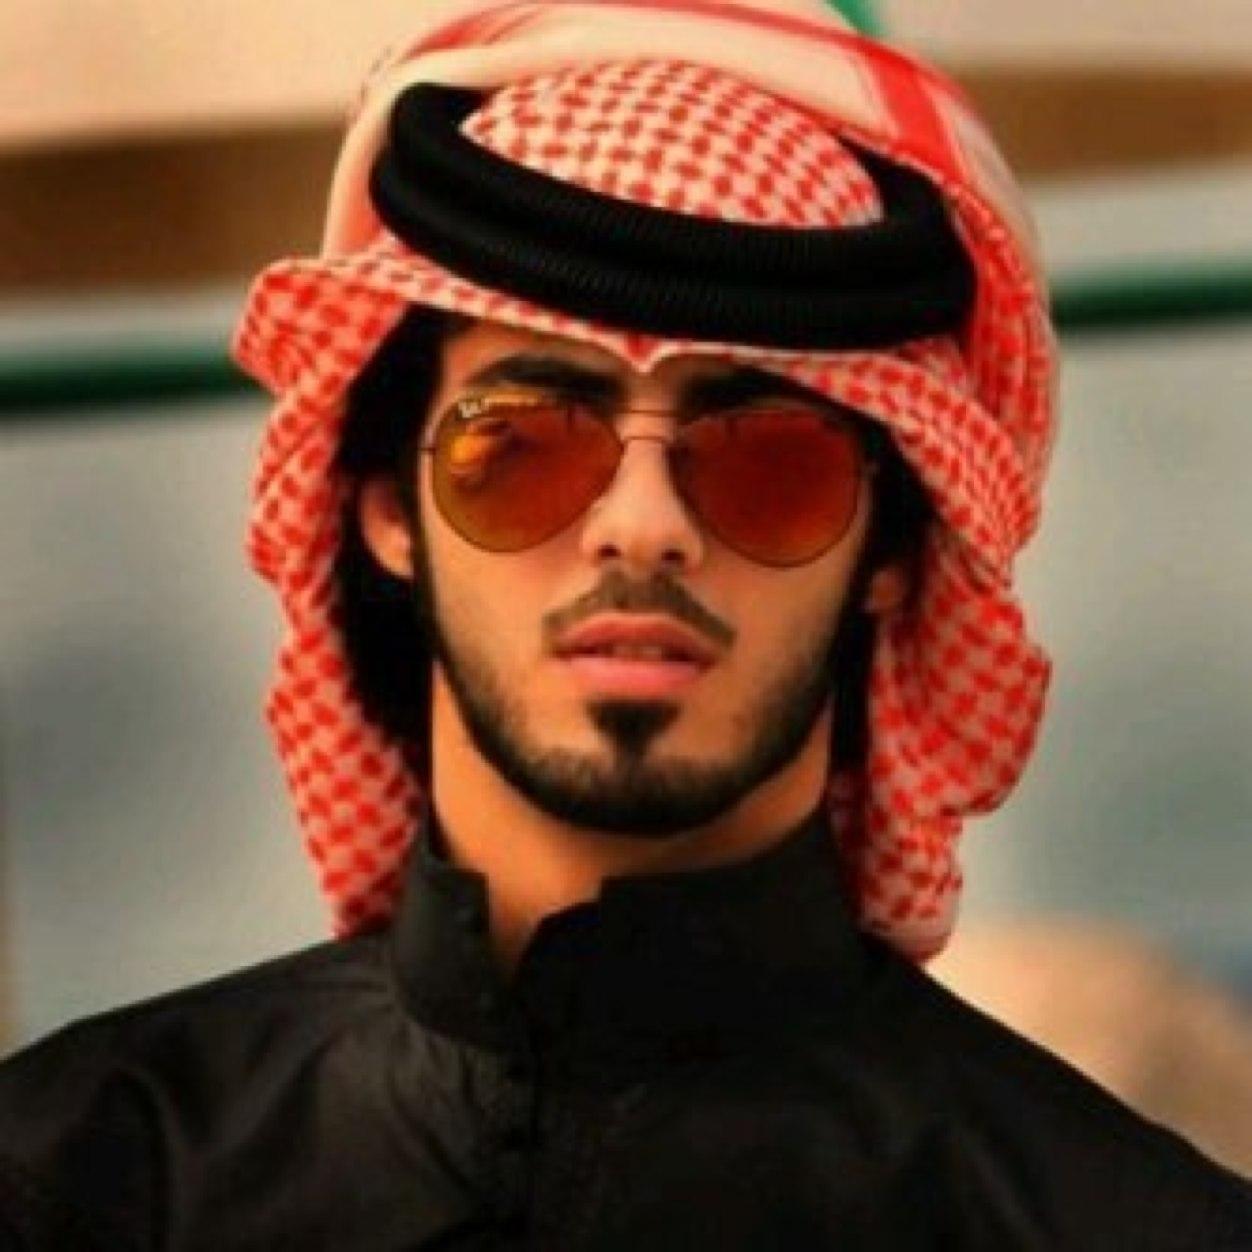 بالصور صور شباب الخليج , اوسم شباب خليجي 3699 6